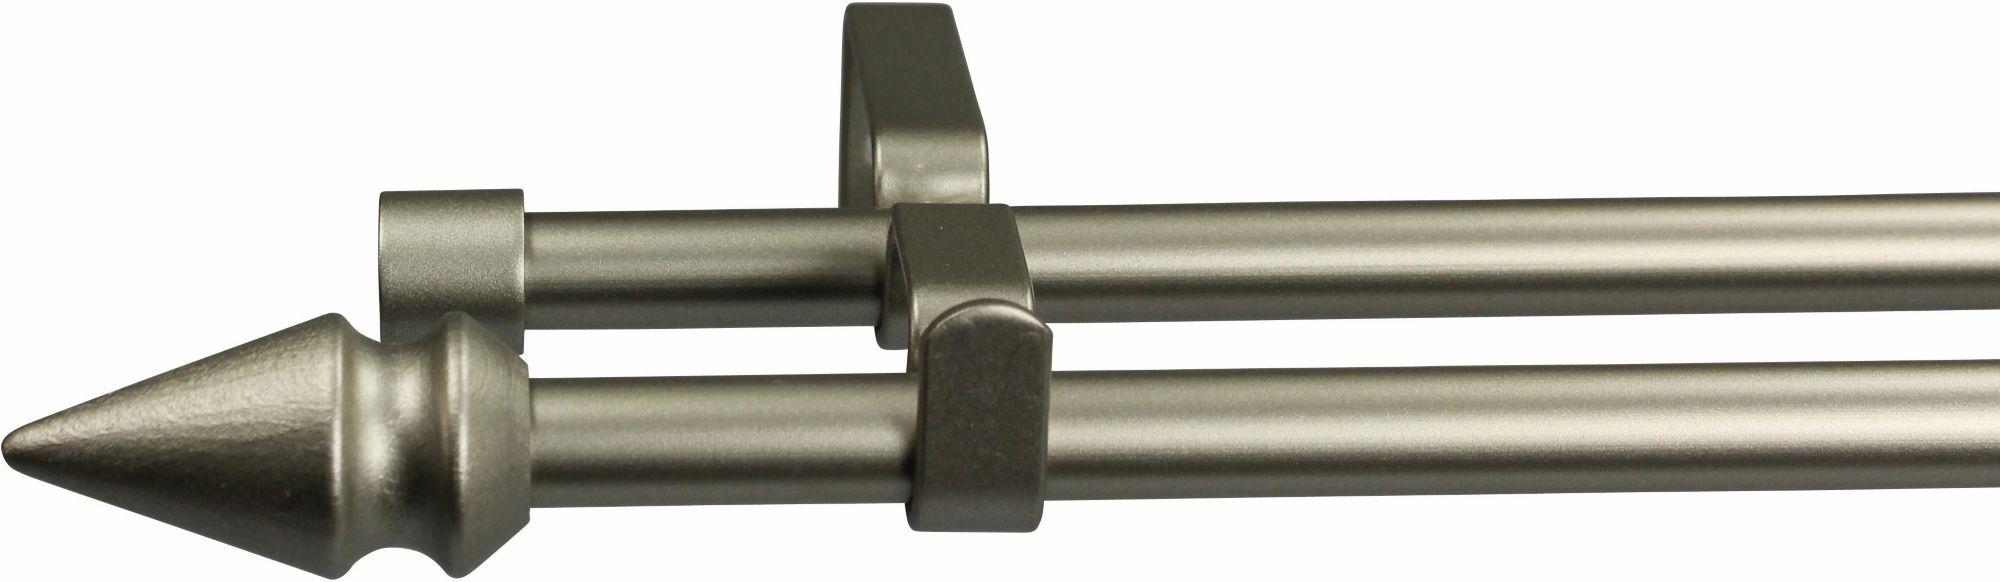 GARESA Gardinenstange 16 mm Spyrna, ohne Ringe, nach Maß